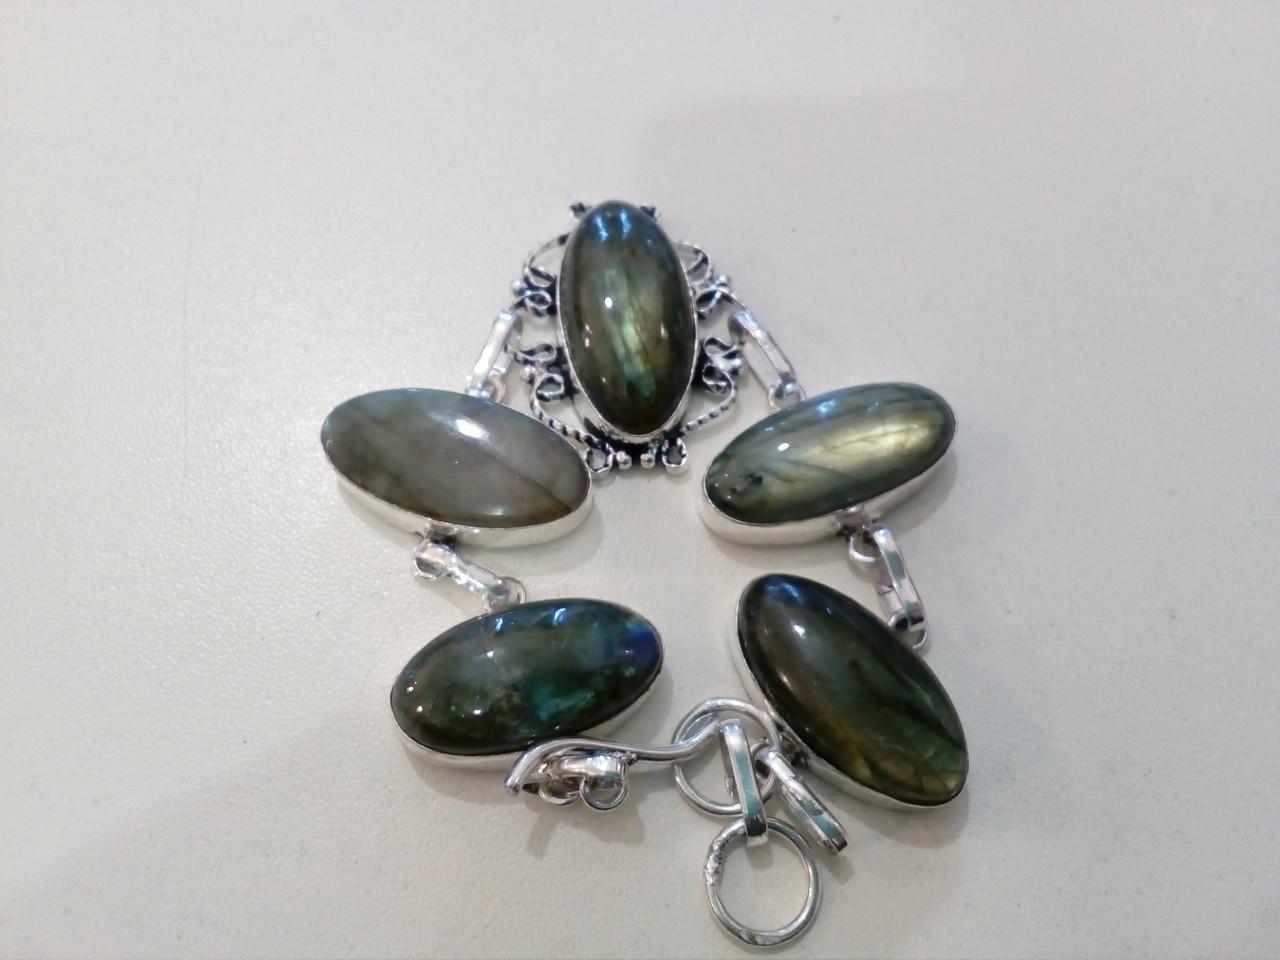 Очень яркий браслет с камнем лабрадор в серебре. Индия!